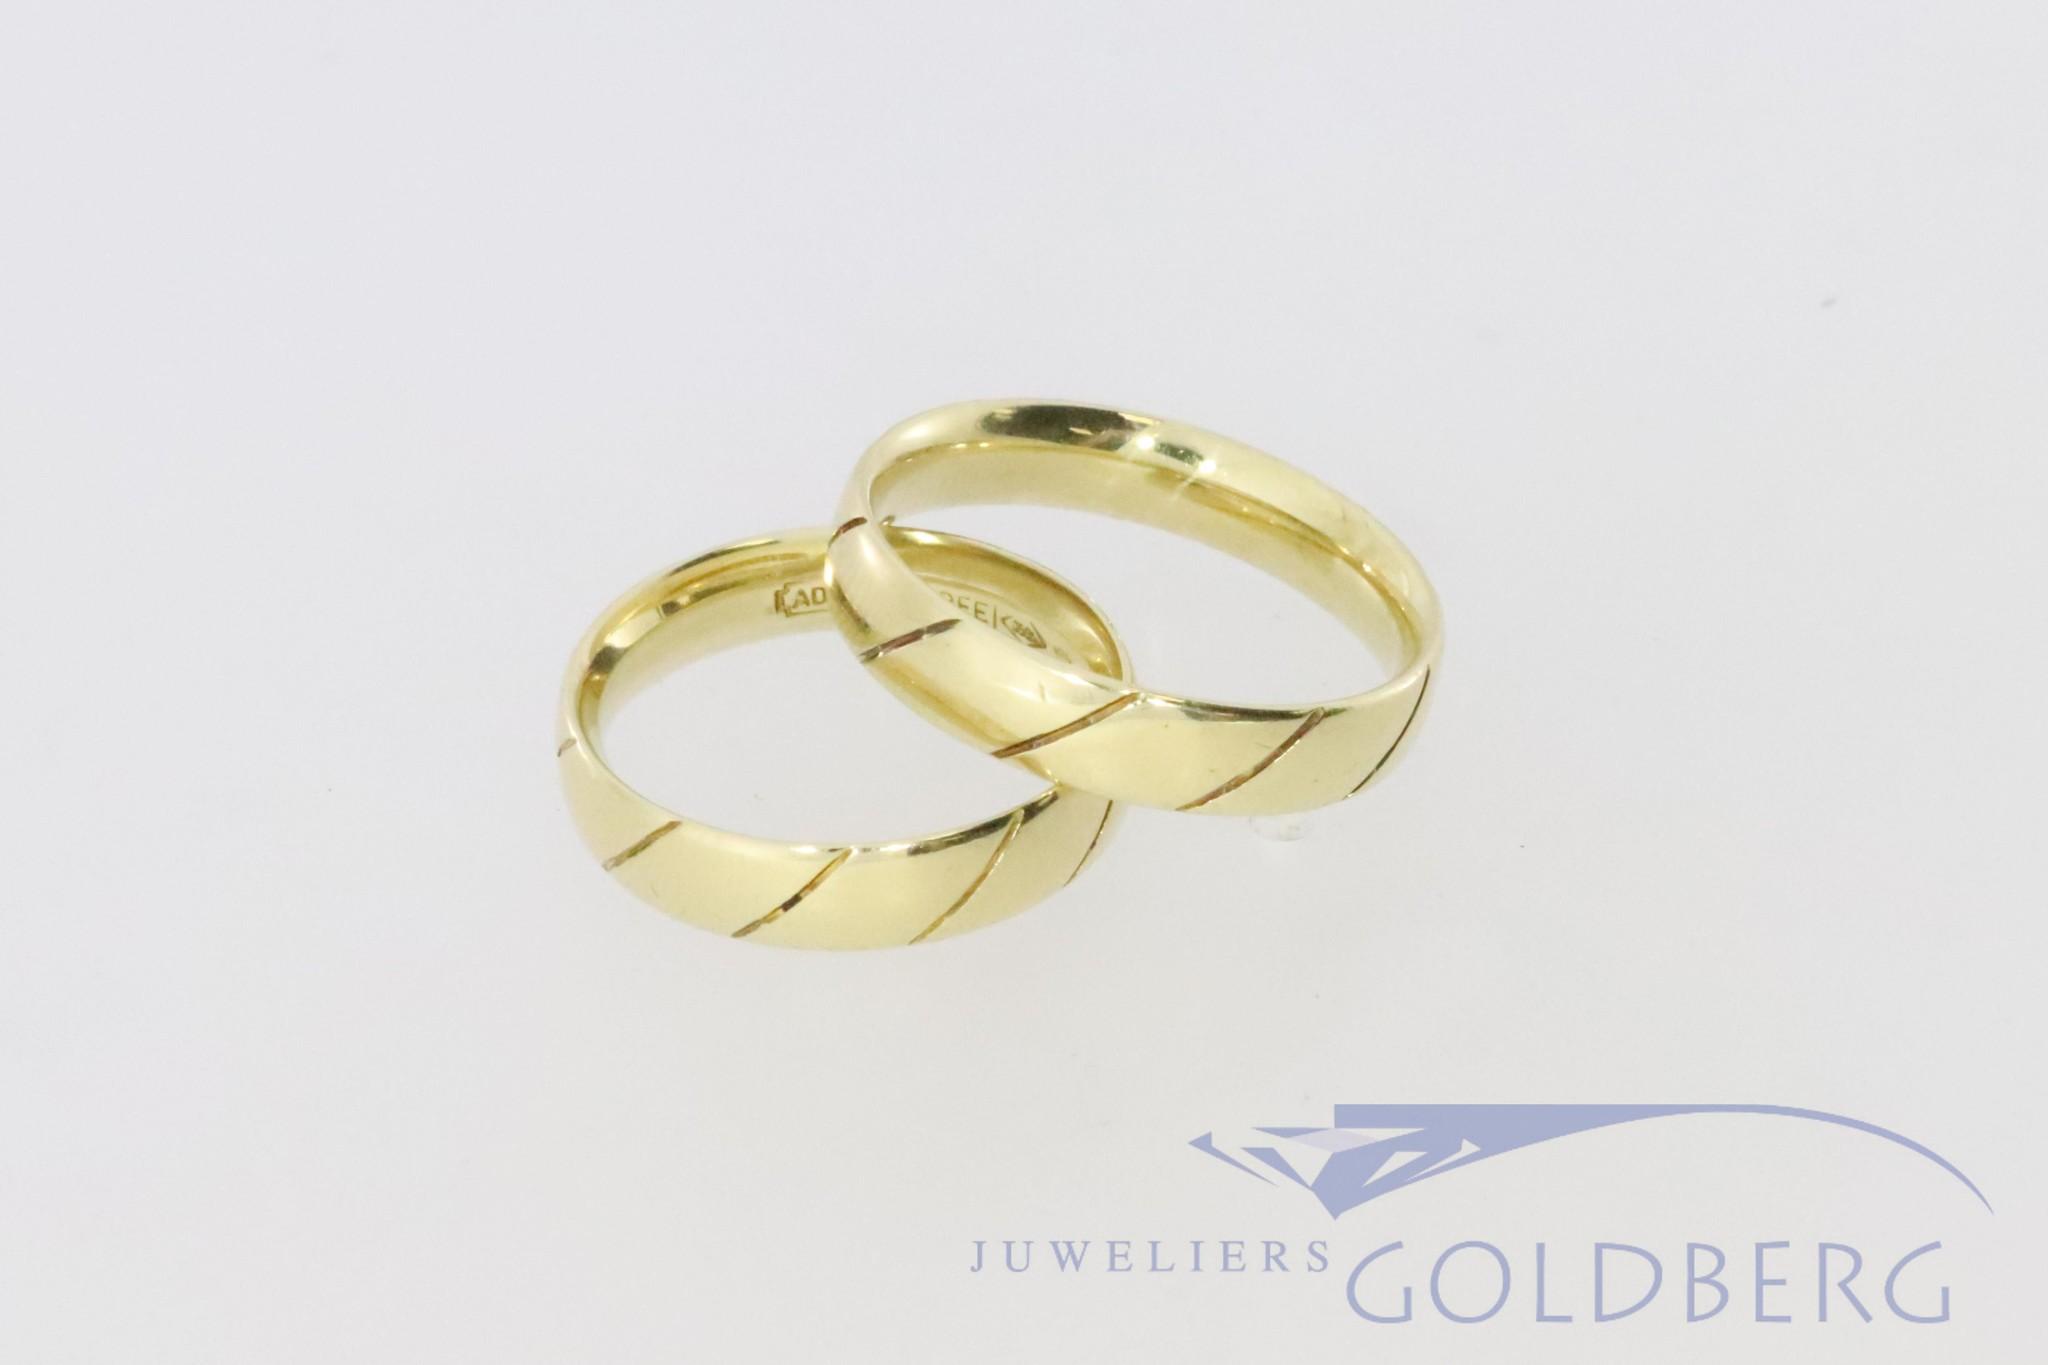 14k goud tweedehandse trouwringen set